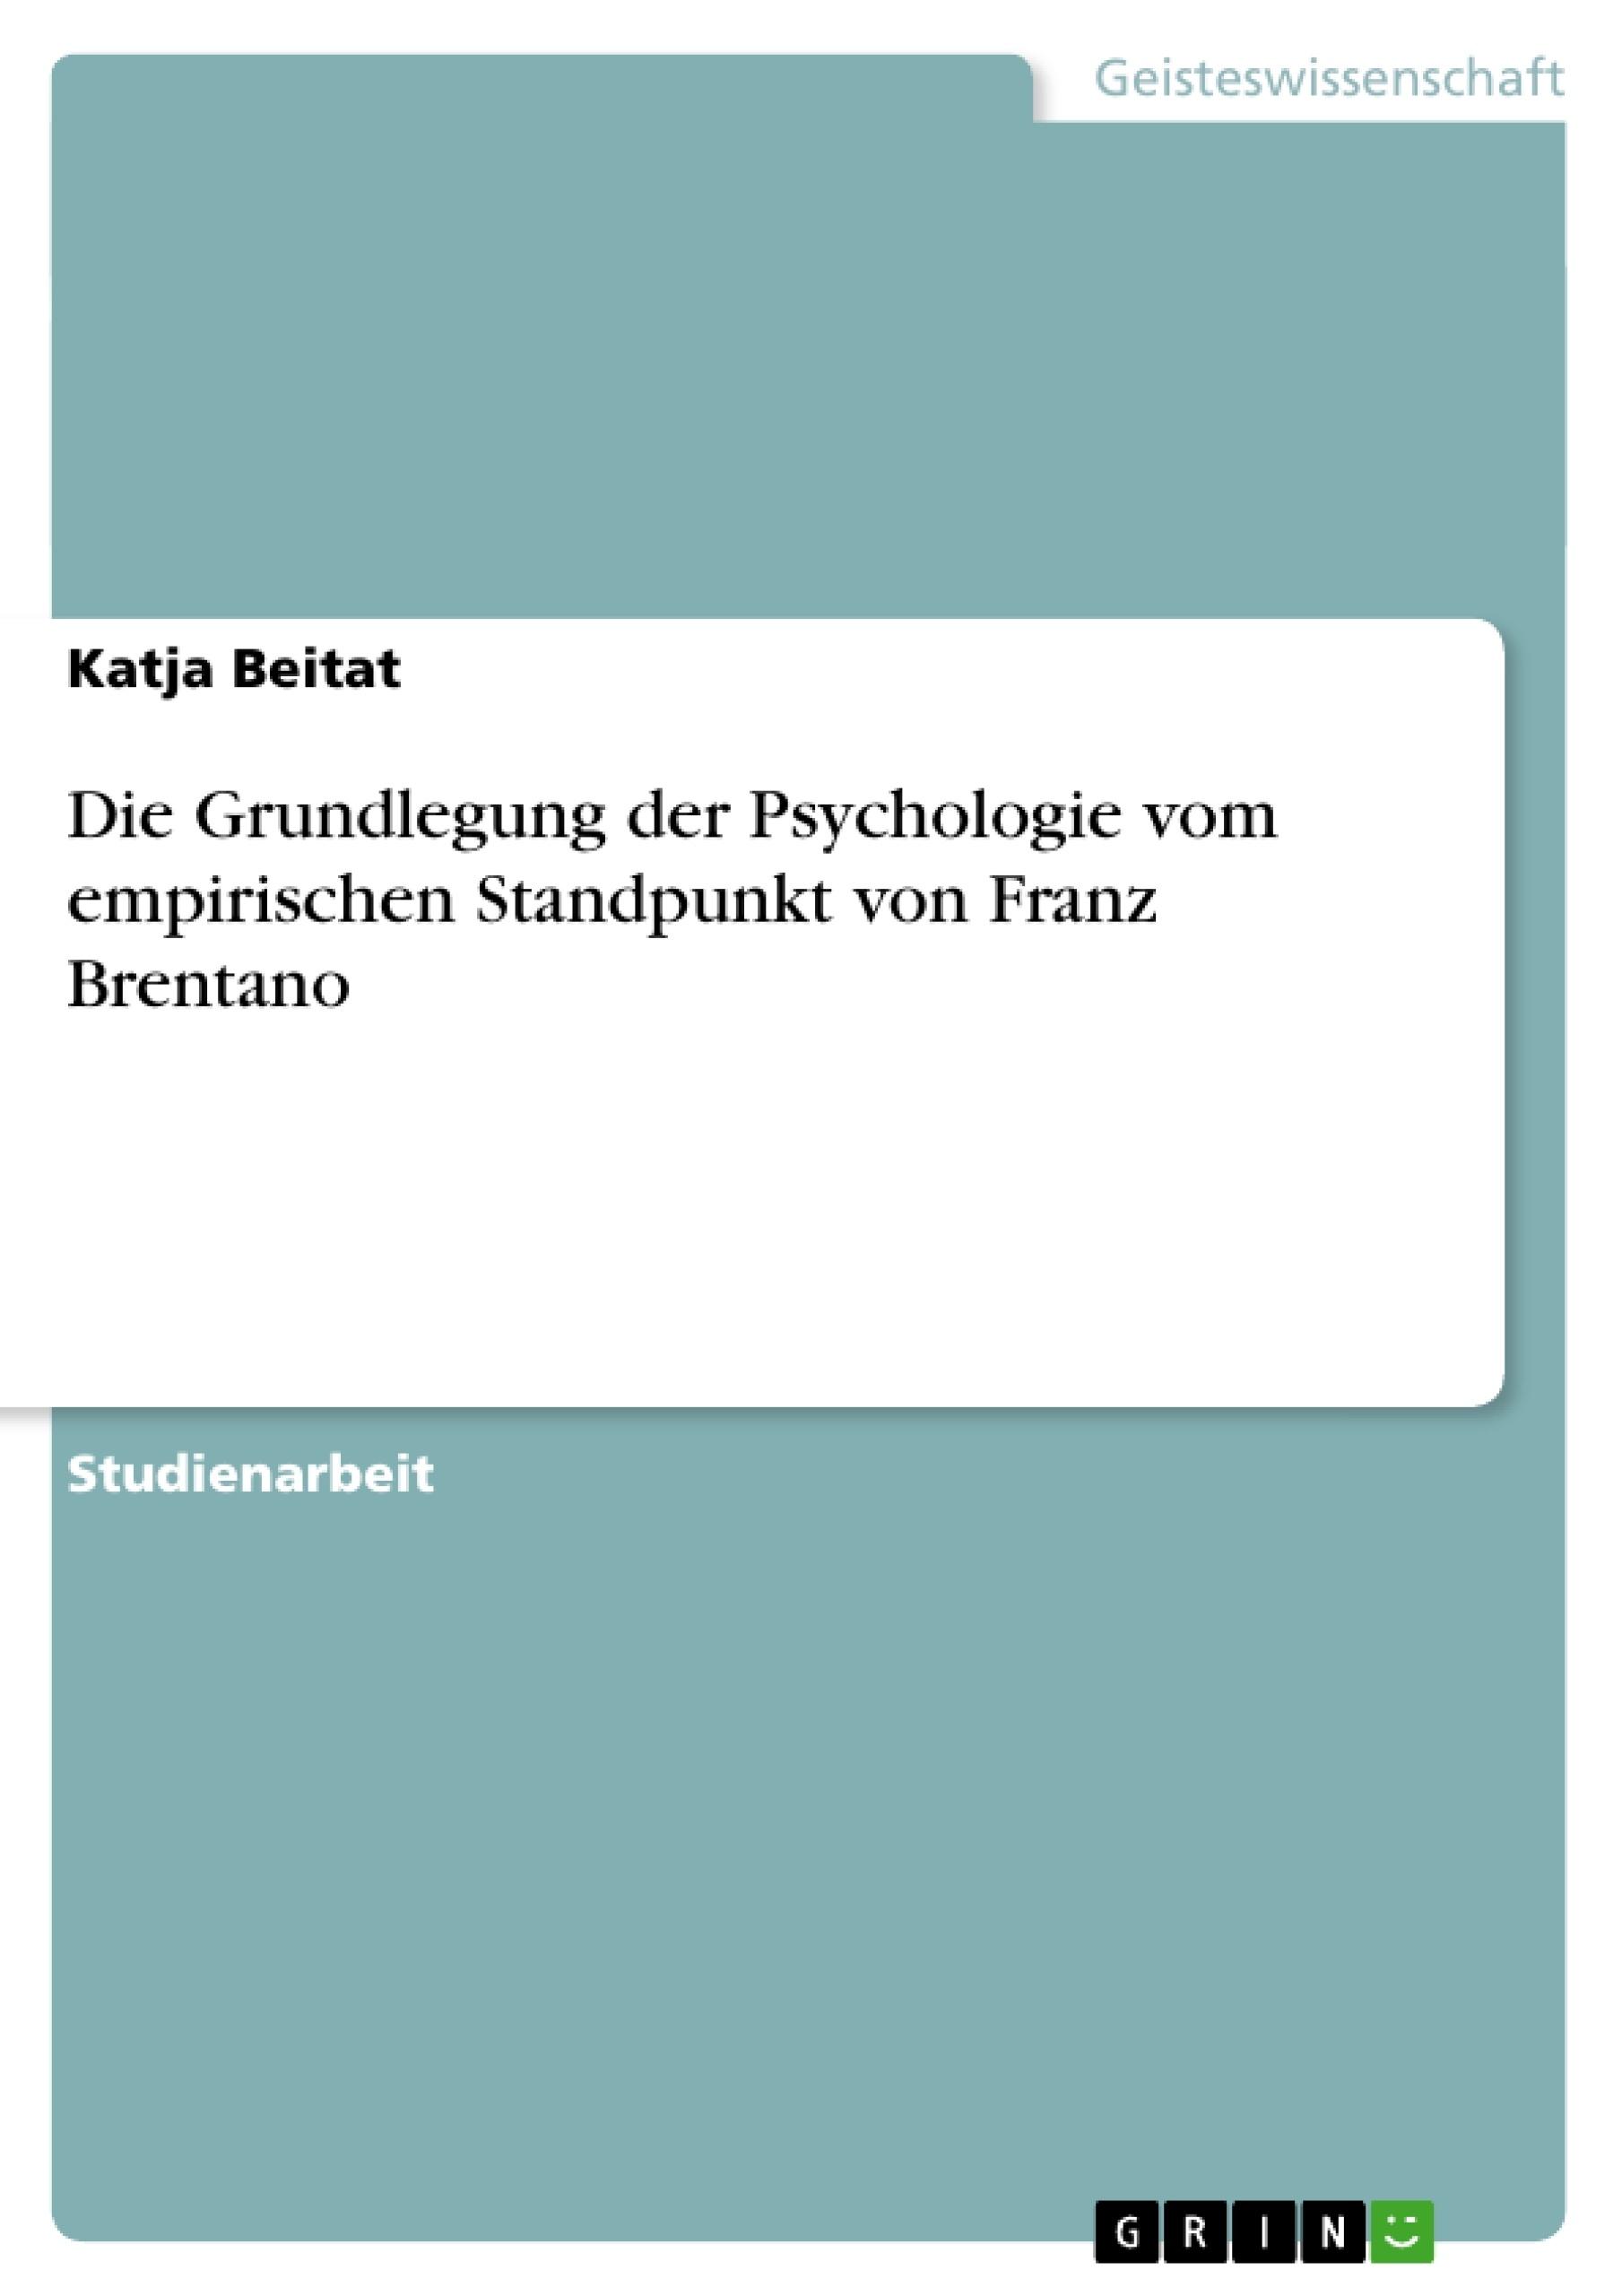 Titel: Die Grundlegung der Psychologie vom empirischen Standpunkt von Franz Brentano